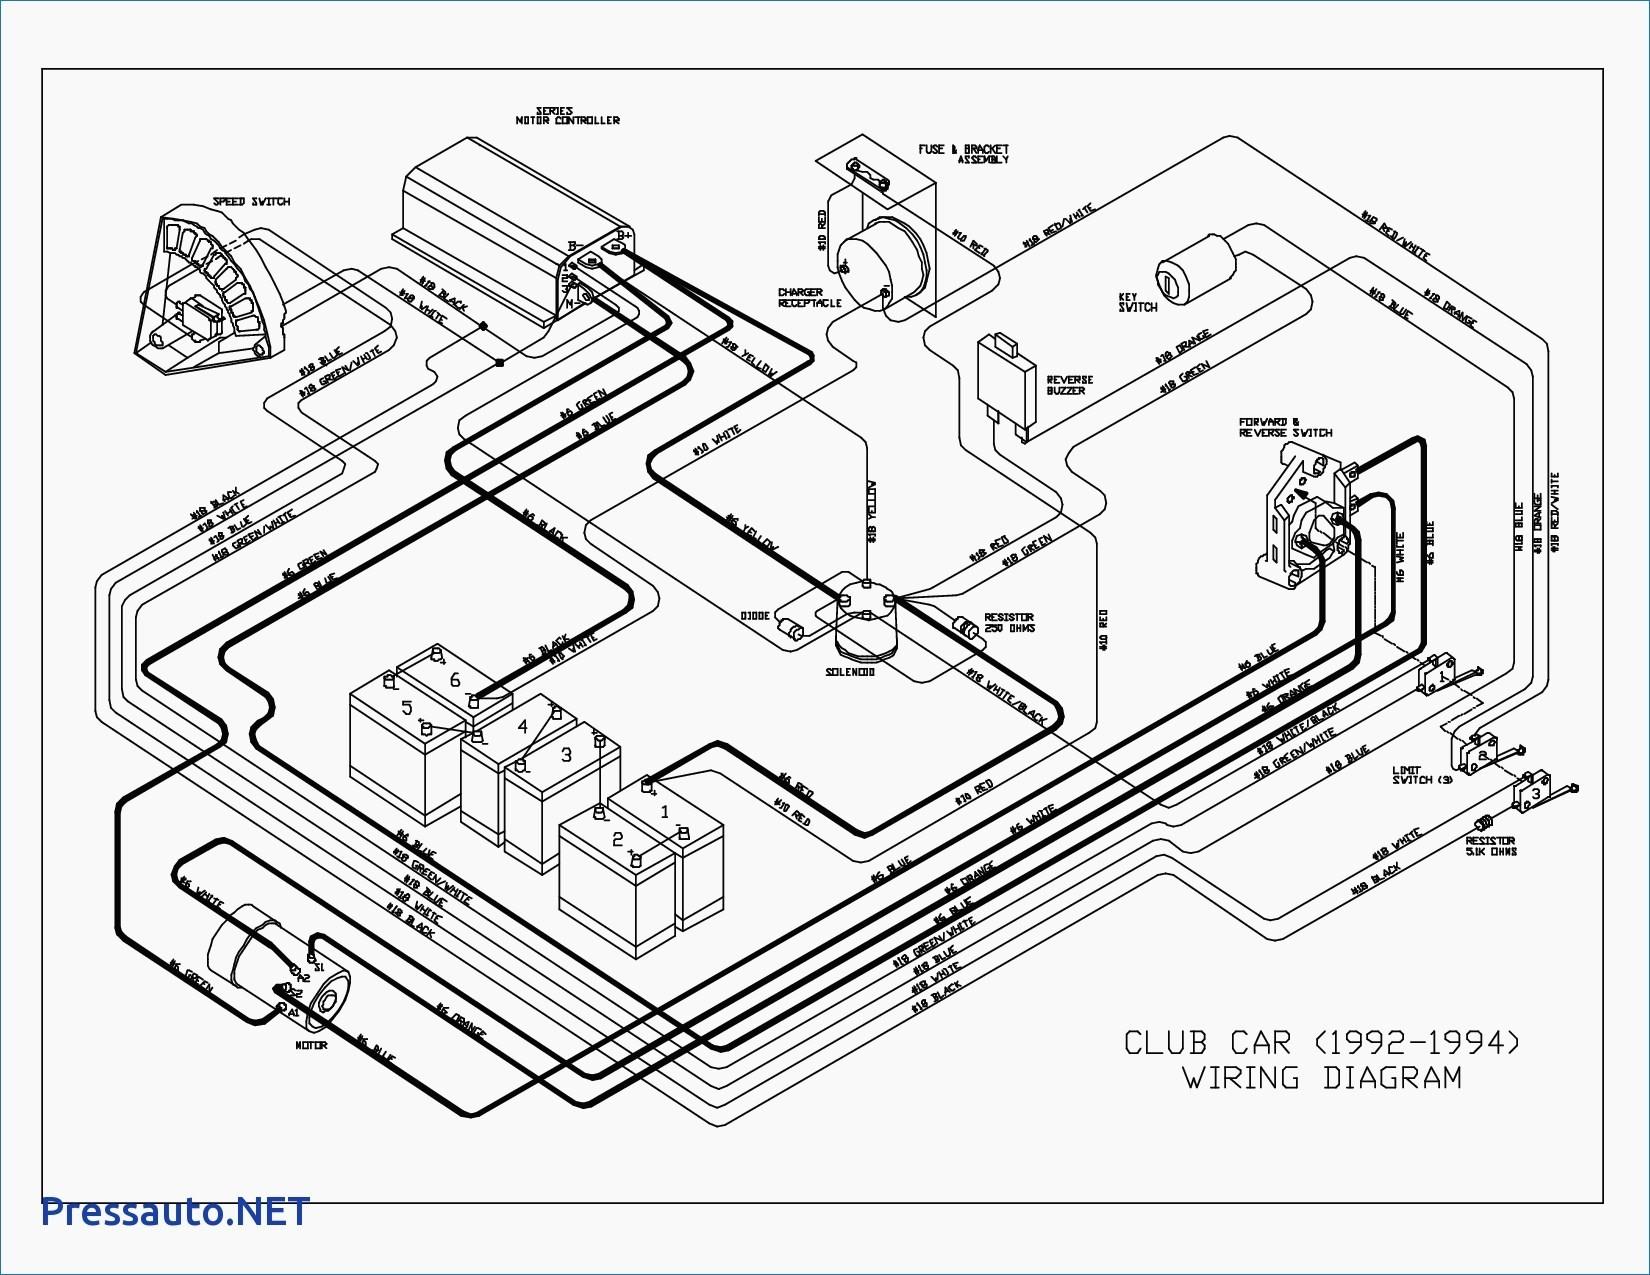 Club Car Electric Golf Cart Wiring Diagram Wiring Diagram Club Car 48 Volt with Golf Cart Coachedby